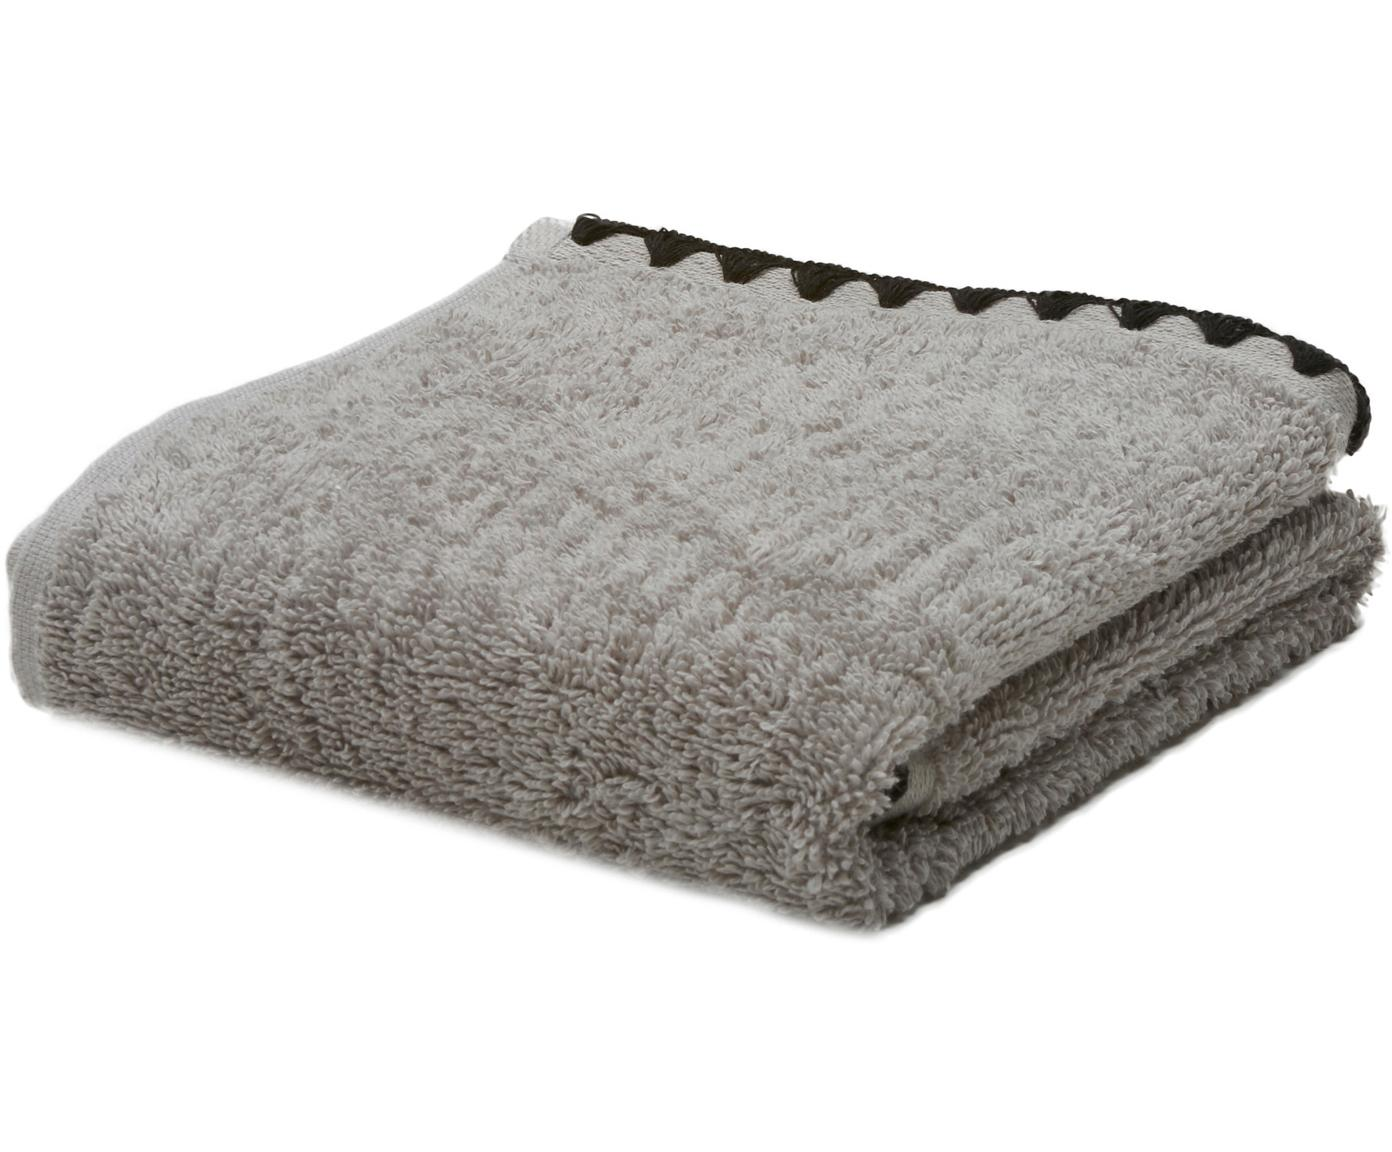 Handtuch Issey mit bestickter Borte, Grau, Schwarz, Gästehandtuch